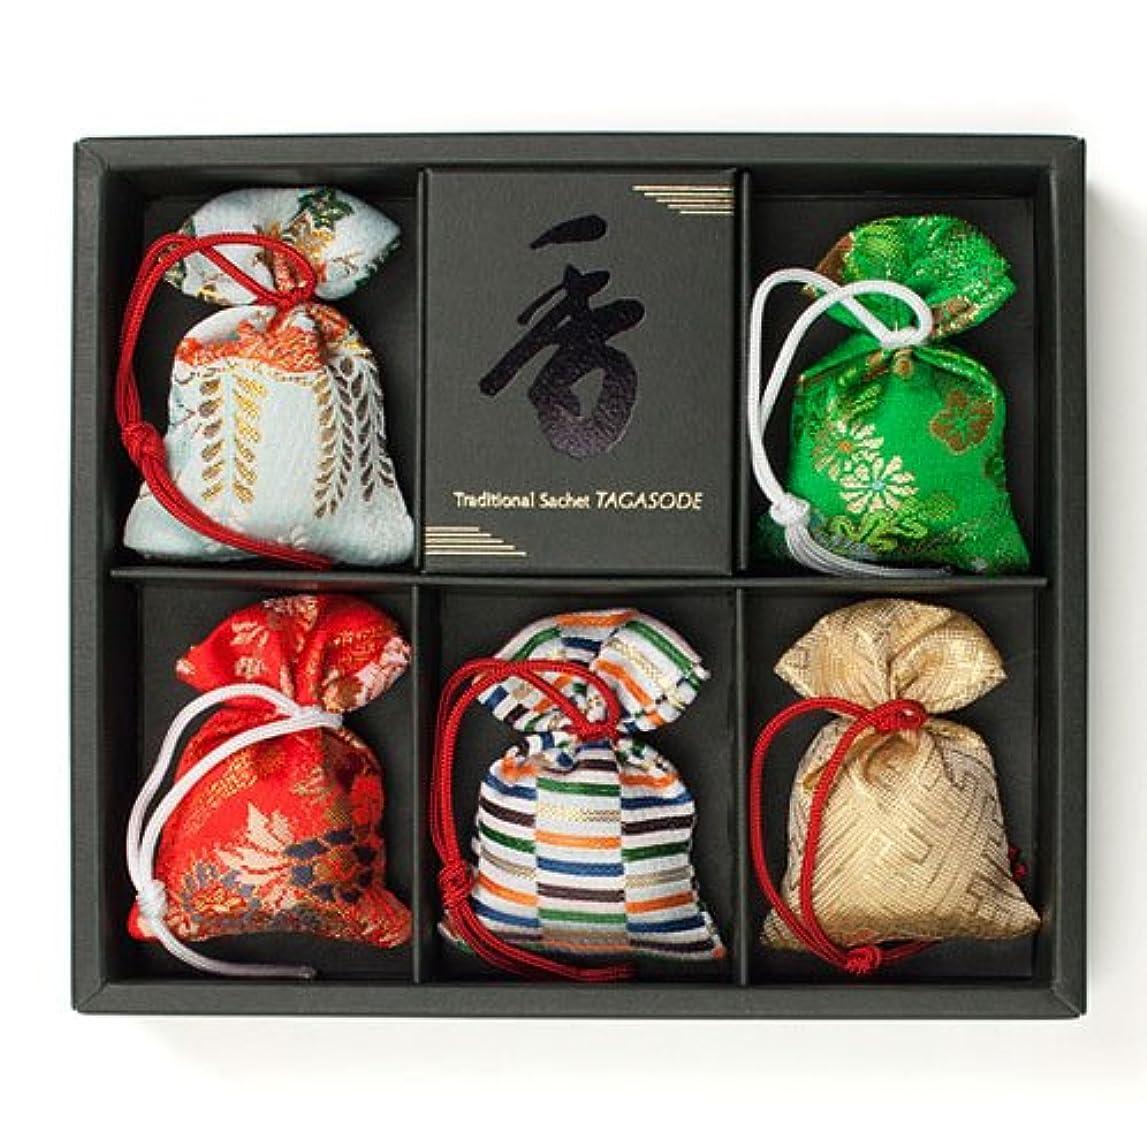 今日ロシア祖父母を訪問匂い袋 誰が袖 極品 5個入 松栄堂 Shoyeido 本体長さ60mm (色?柄は選べません)